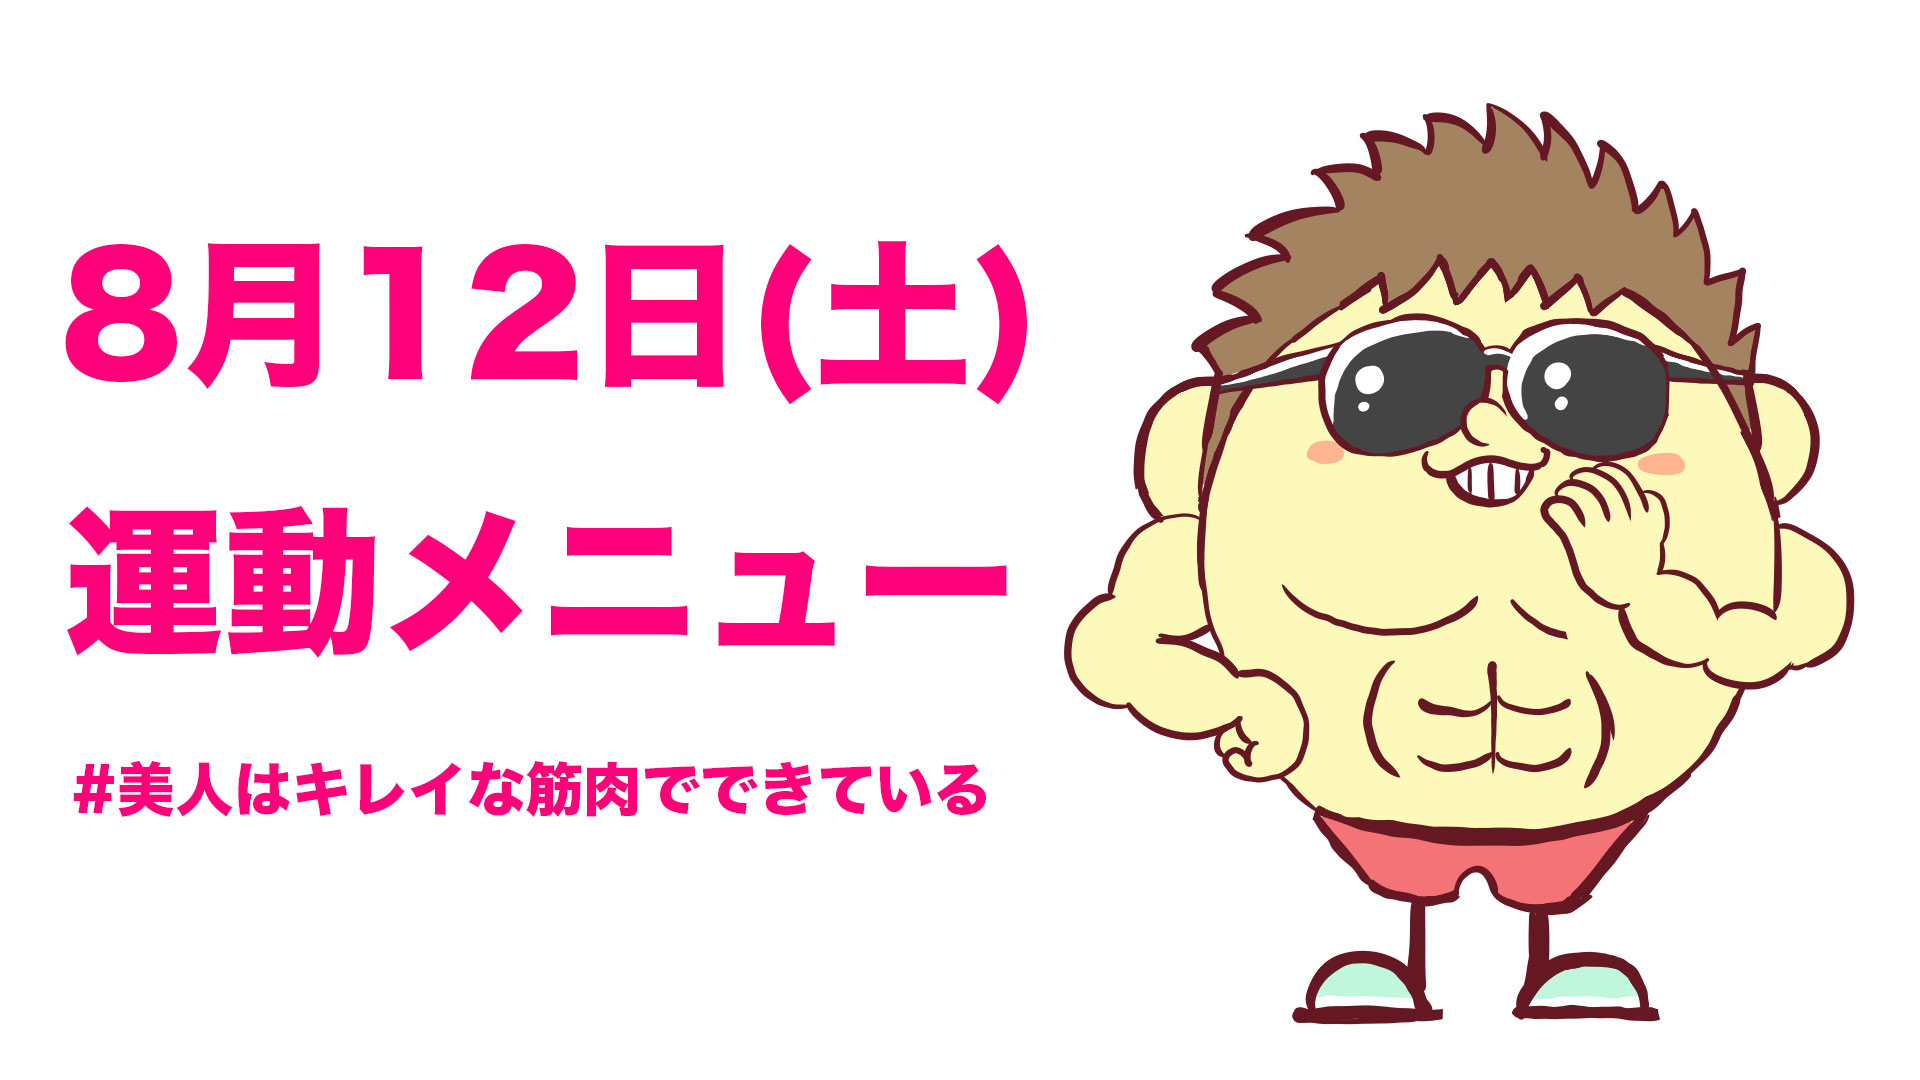 8/12の運動メニュー!